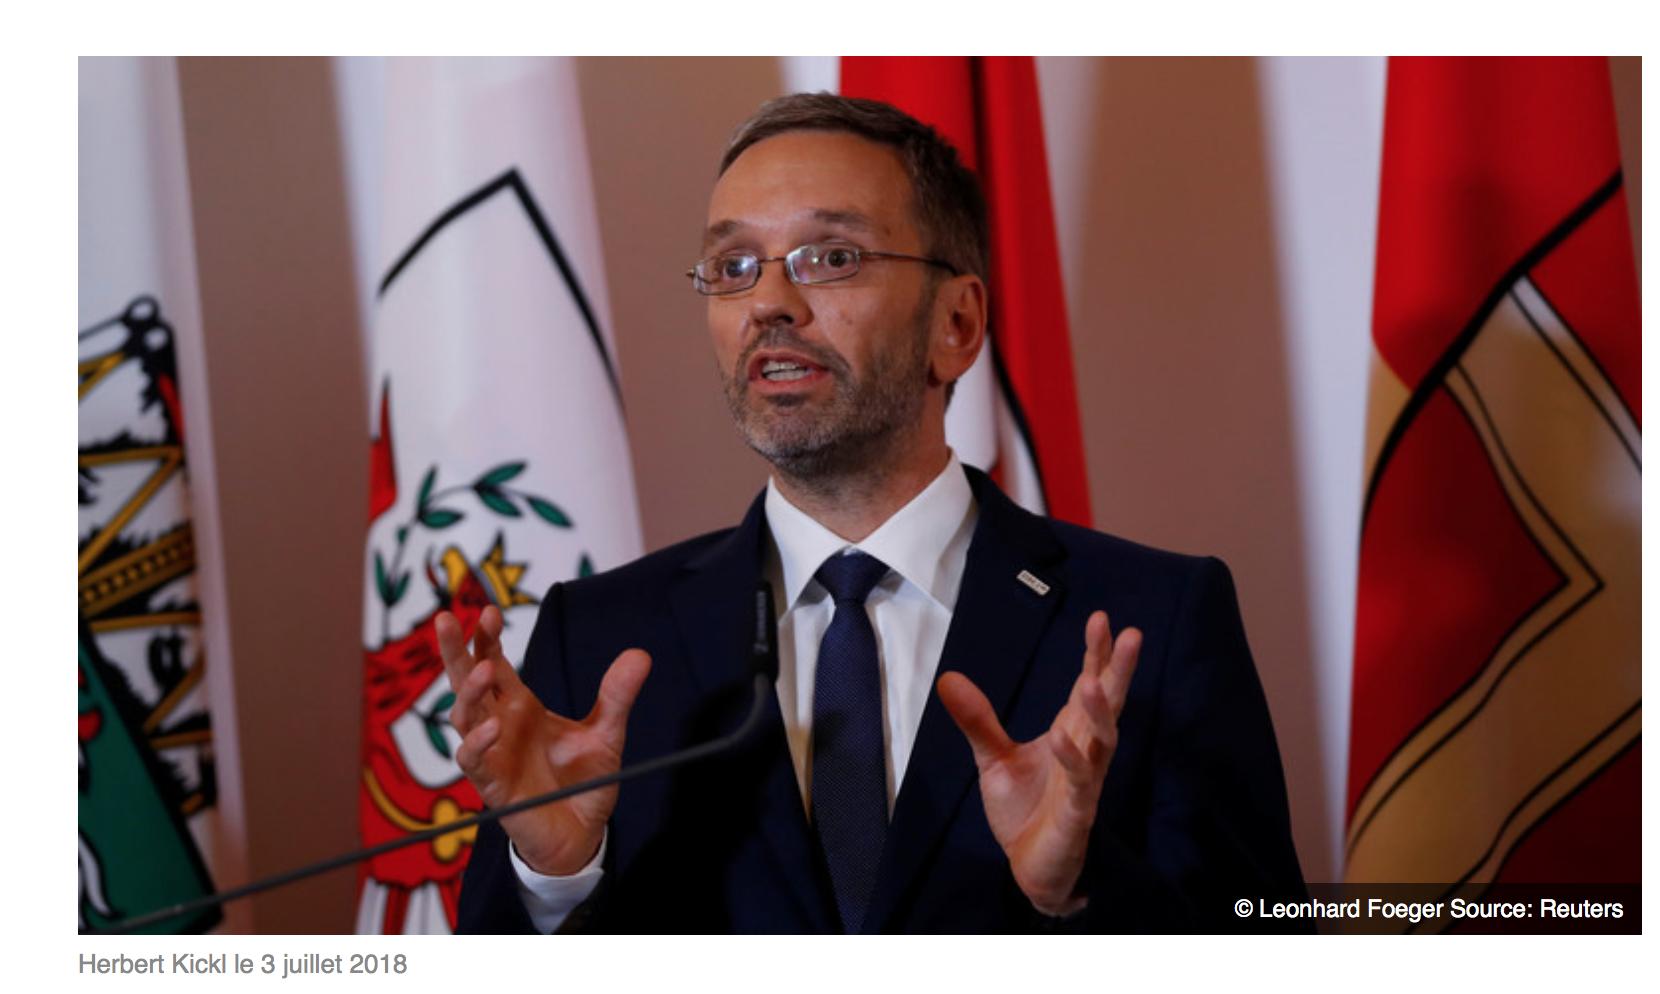 Autriche, coup de tonnerre migratoire : impossible de demander l'asile depuis le continent européen ?